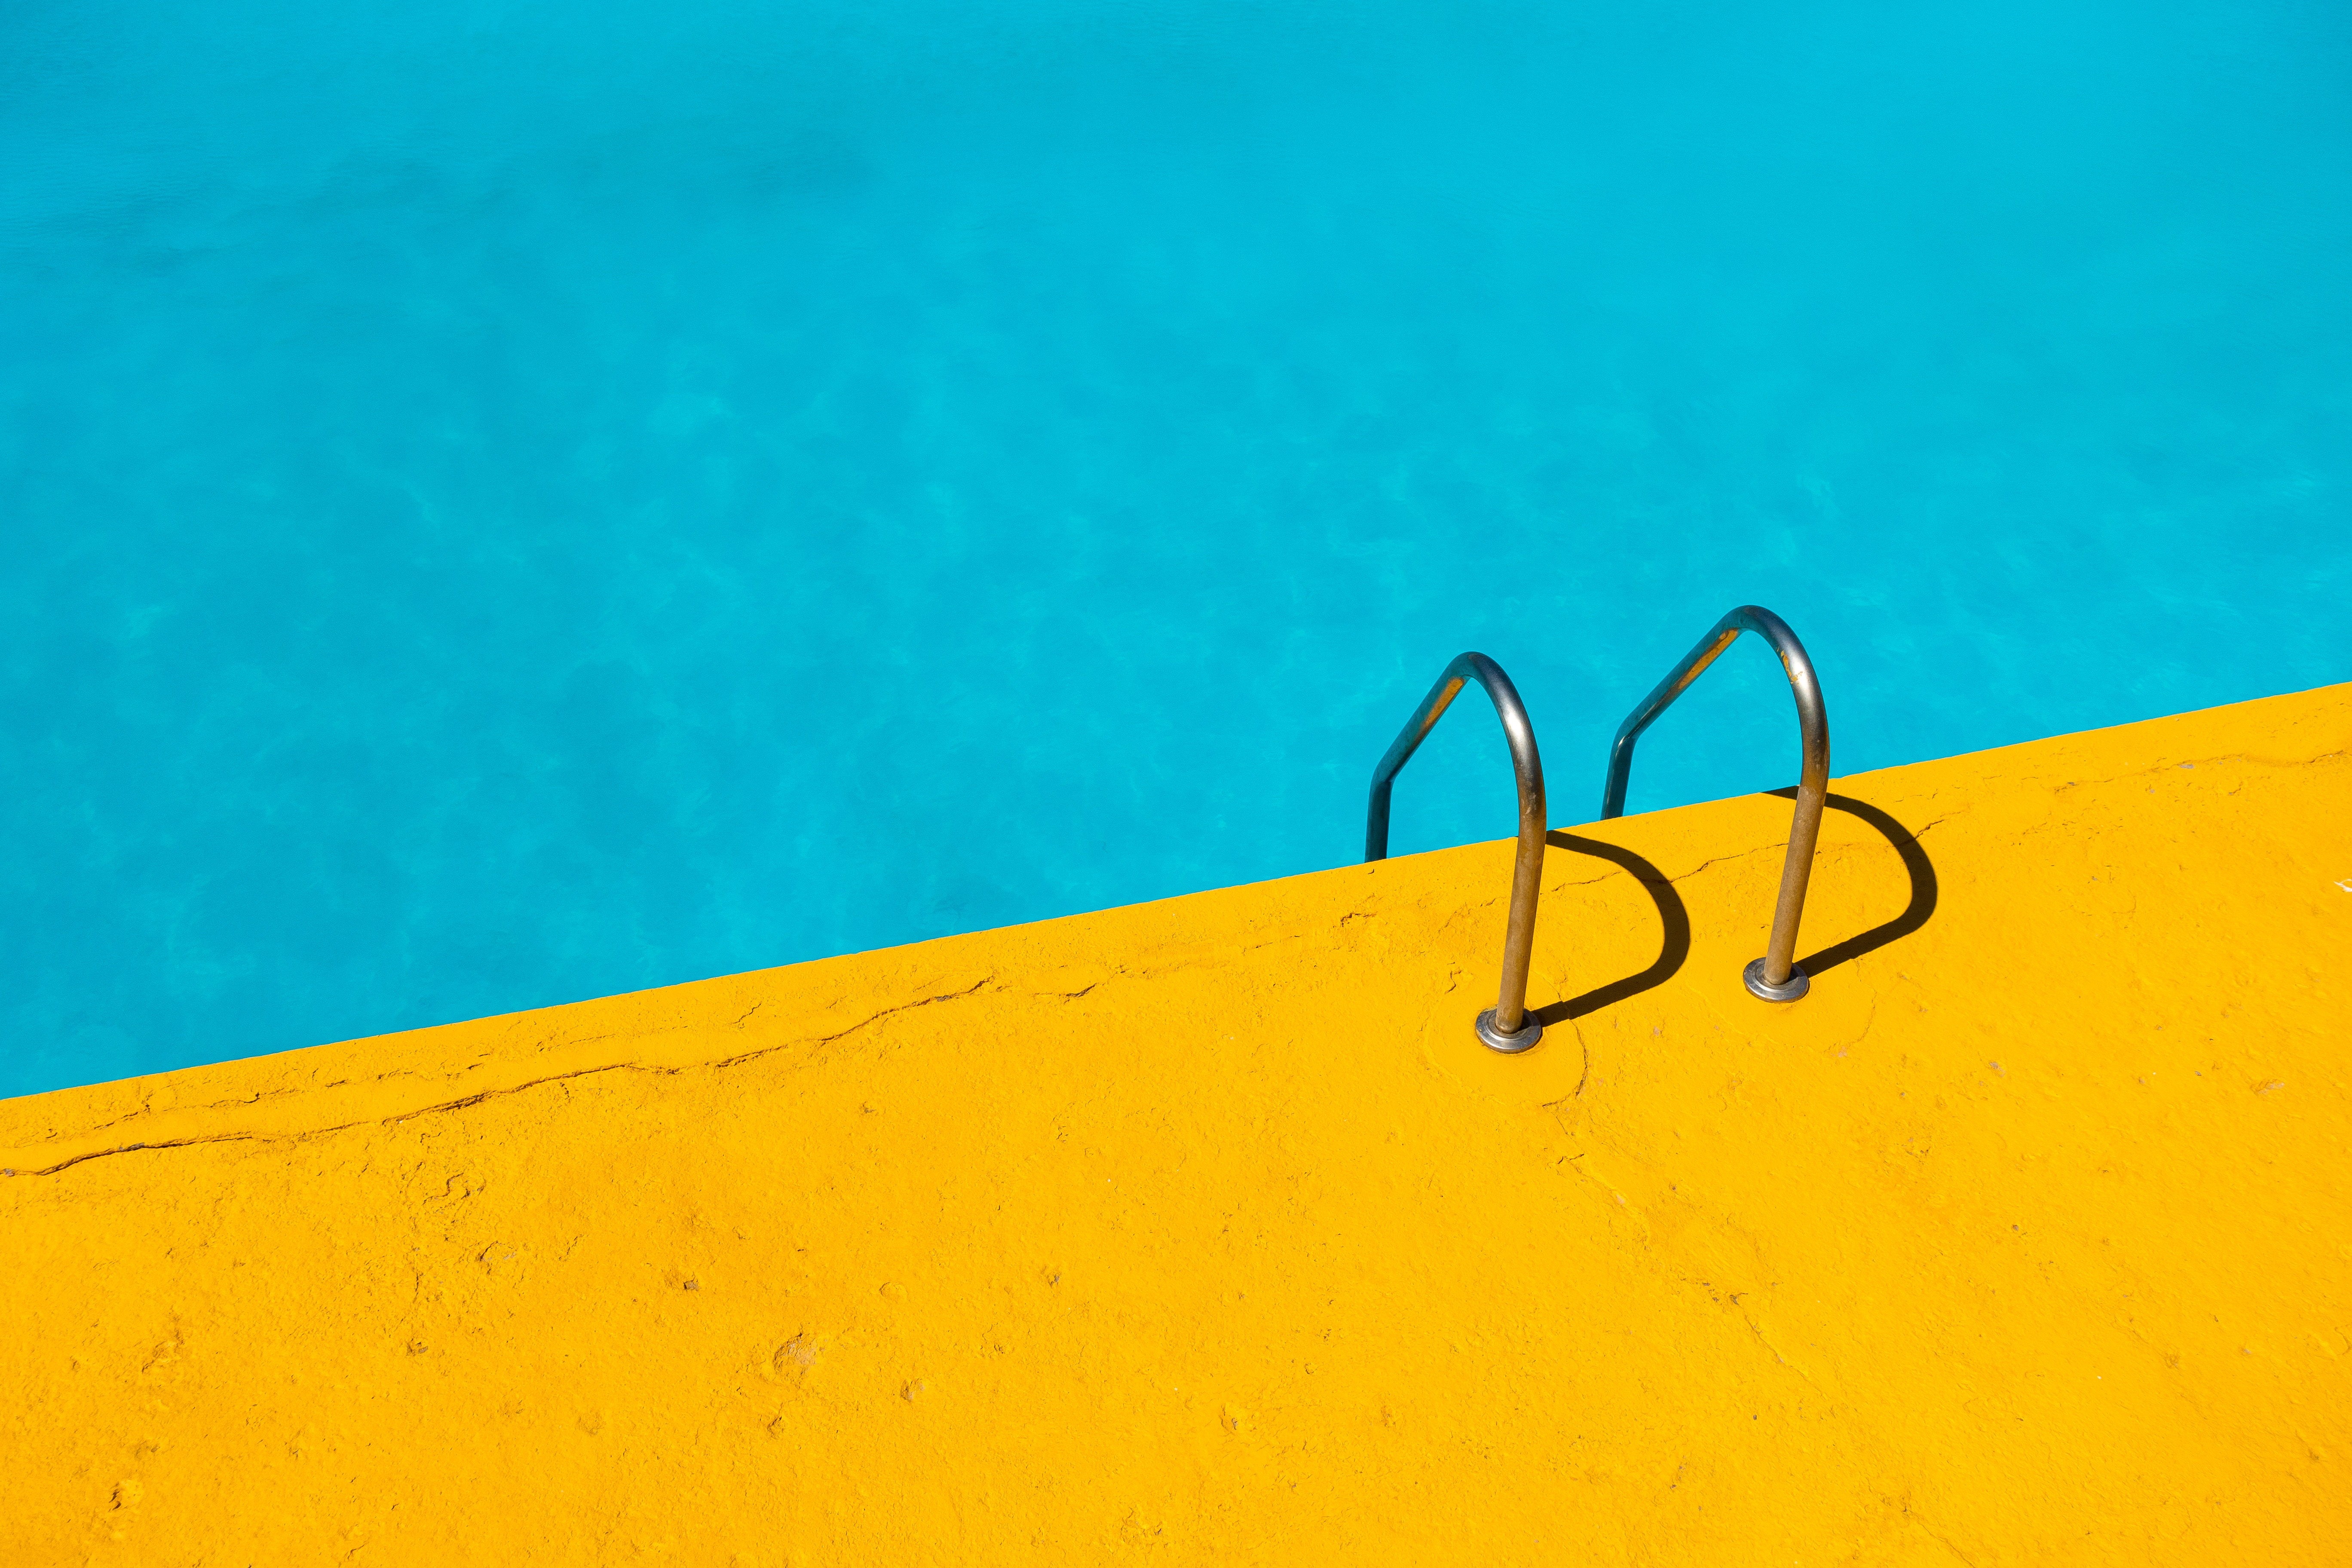 etienne-girardet-360034-unsplash-summer